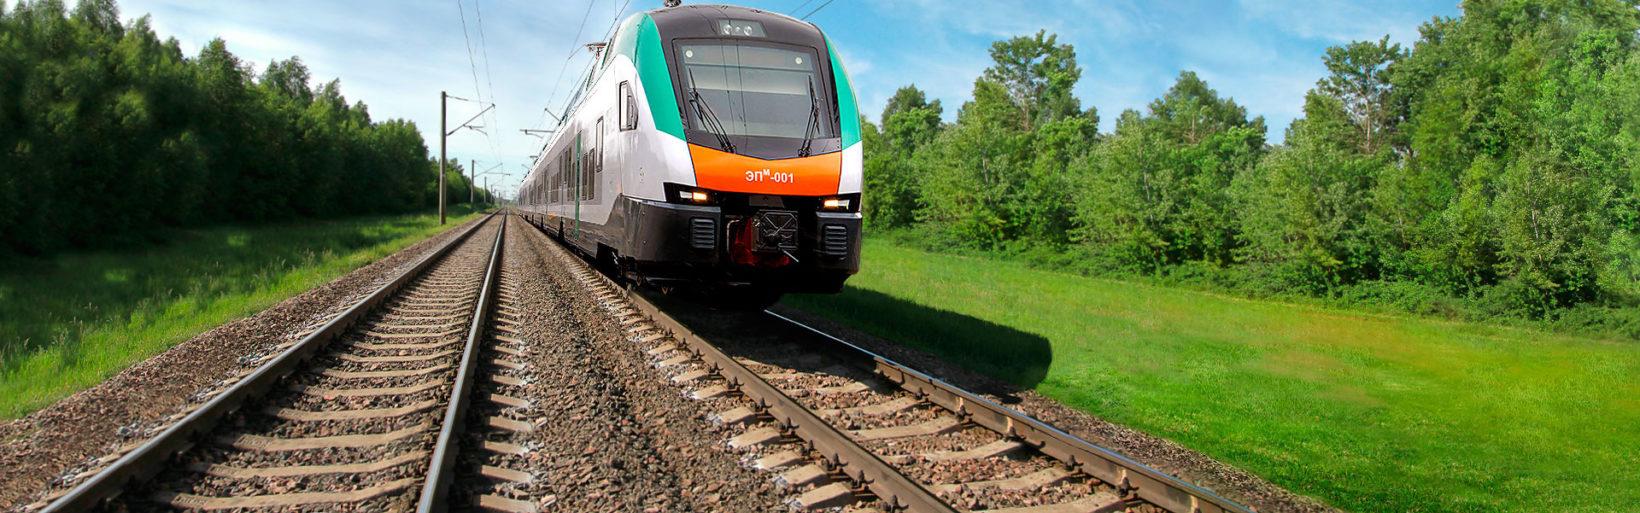 Business class train, transportation in Belarus